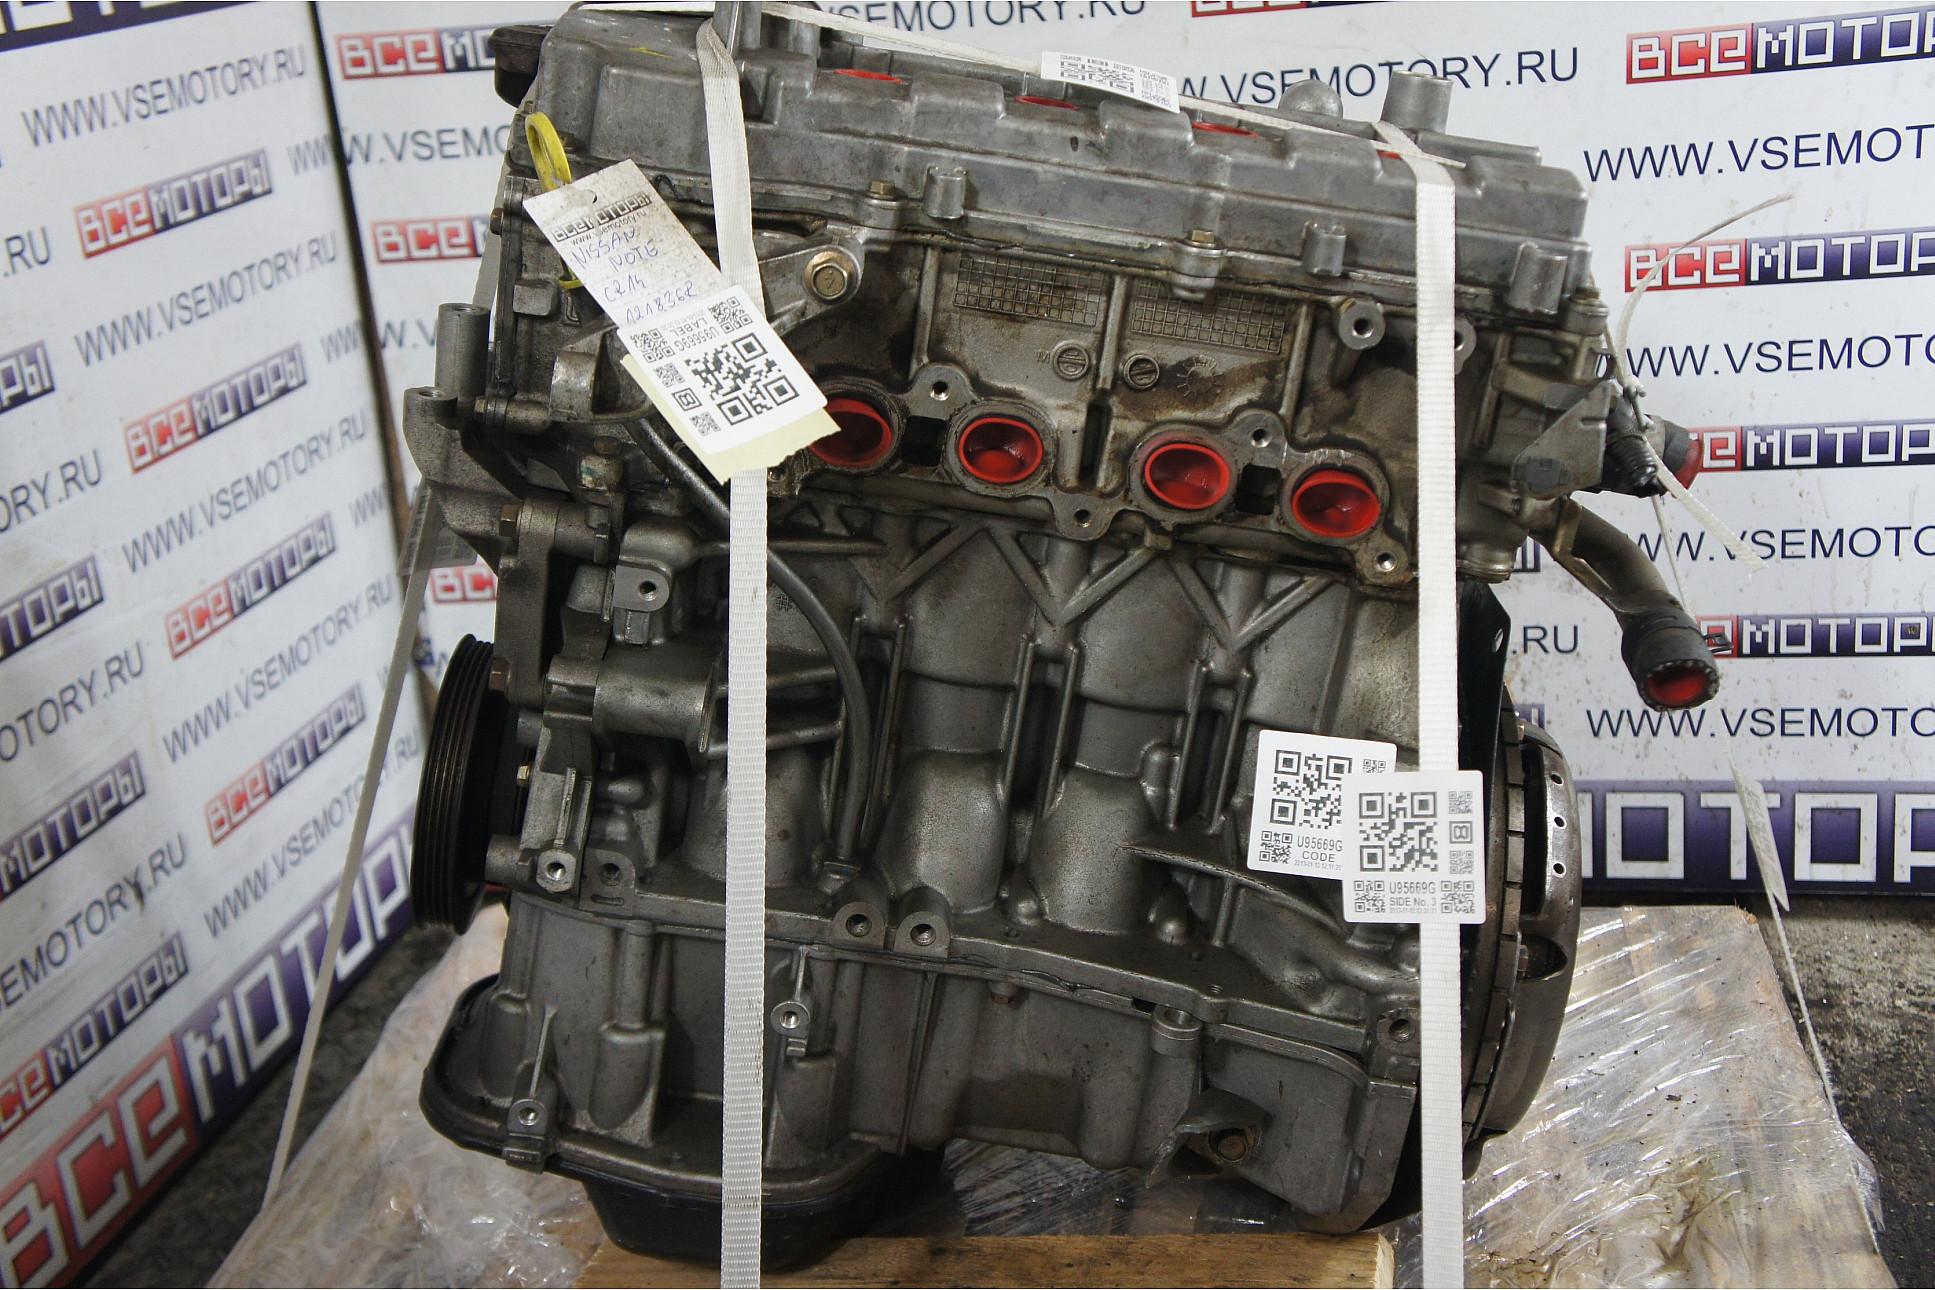 ФОТОГРАФИЯ 2 - ВИД СБОКУ НА ДВС - Отчет о продаже двигателя б/у NISSAN CR 14 (фотографии, цена и отзывы о моторе) .